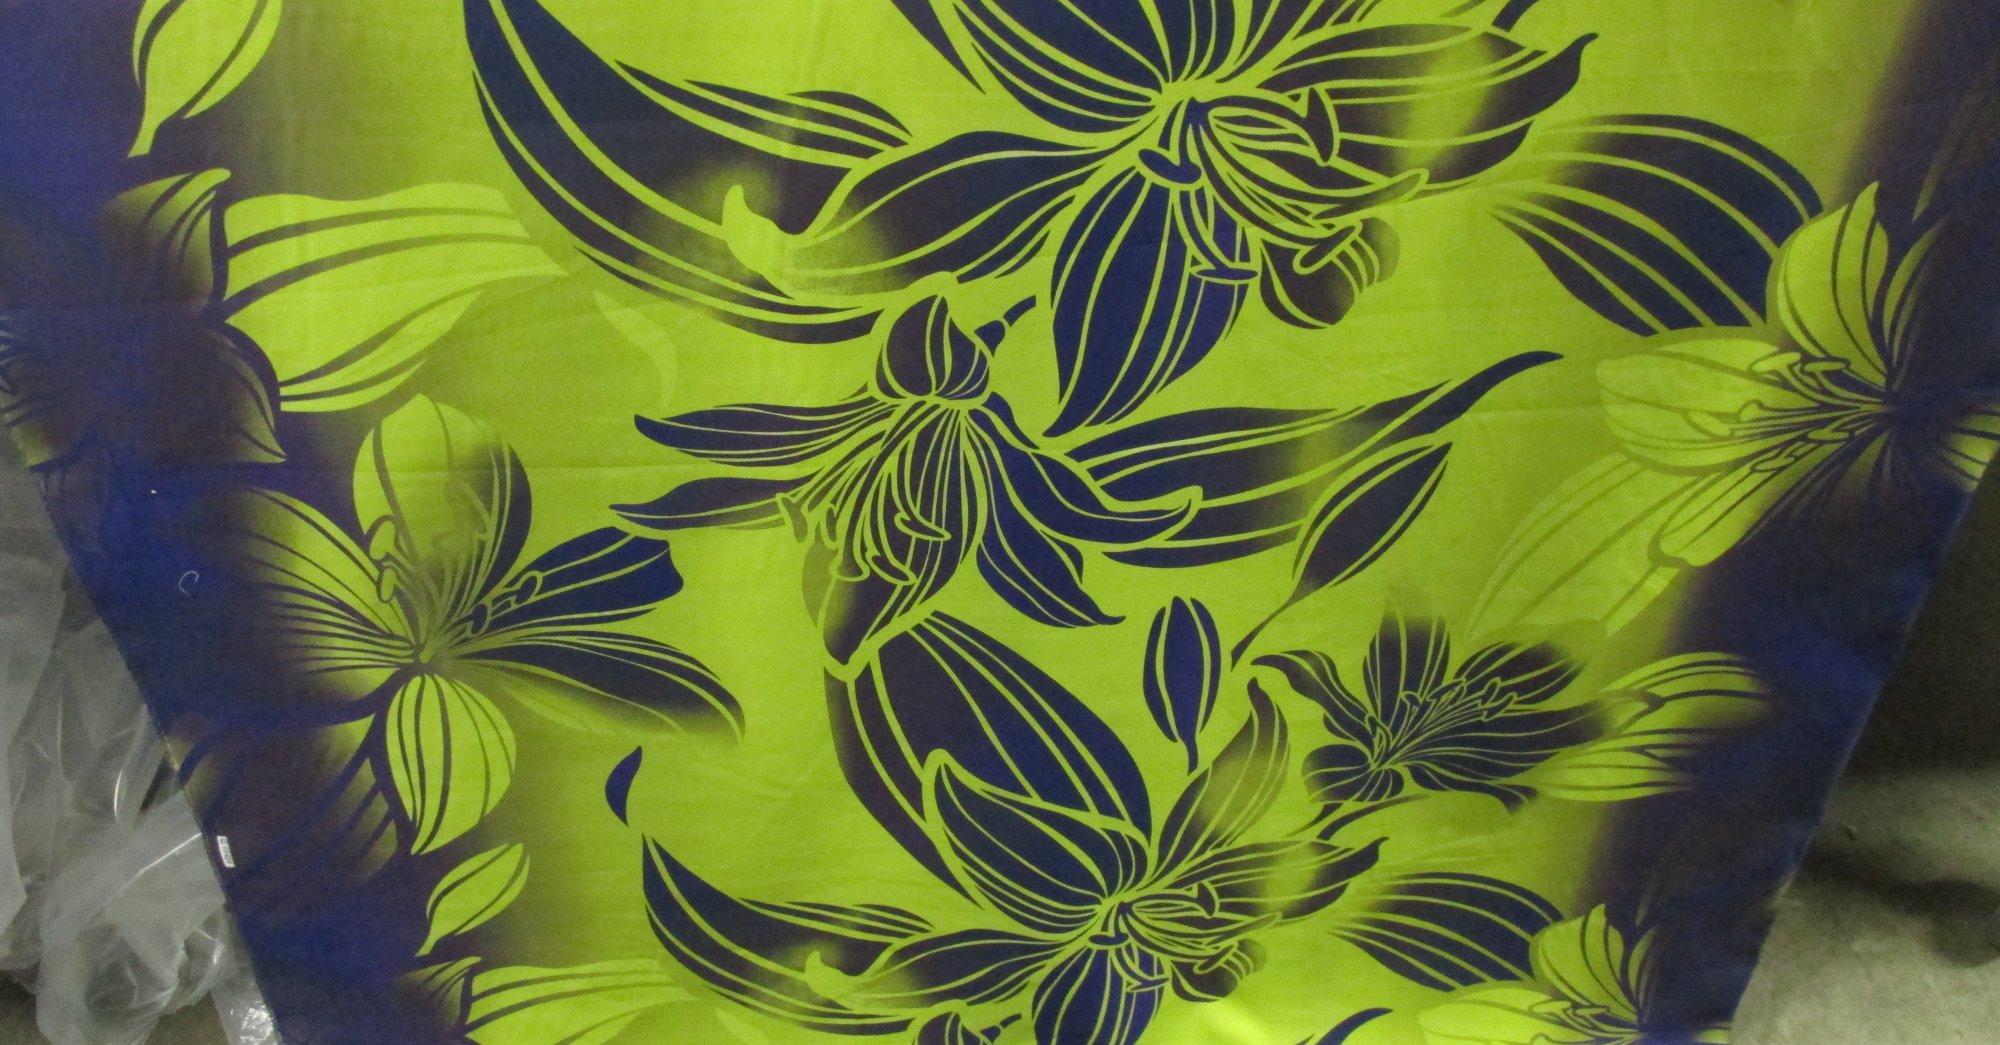 Floral Gradient - Gold/Plum